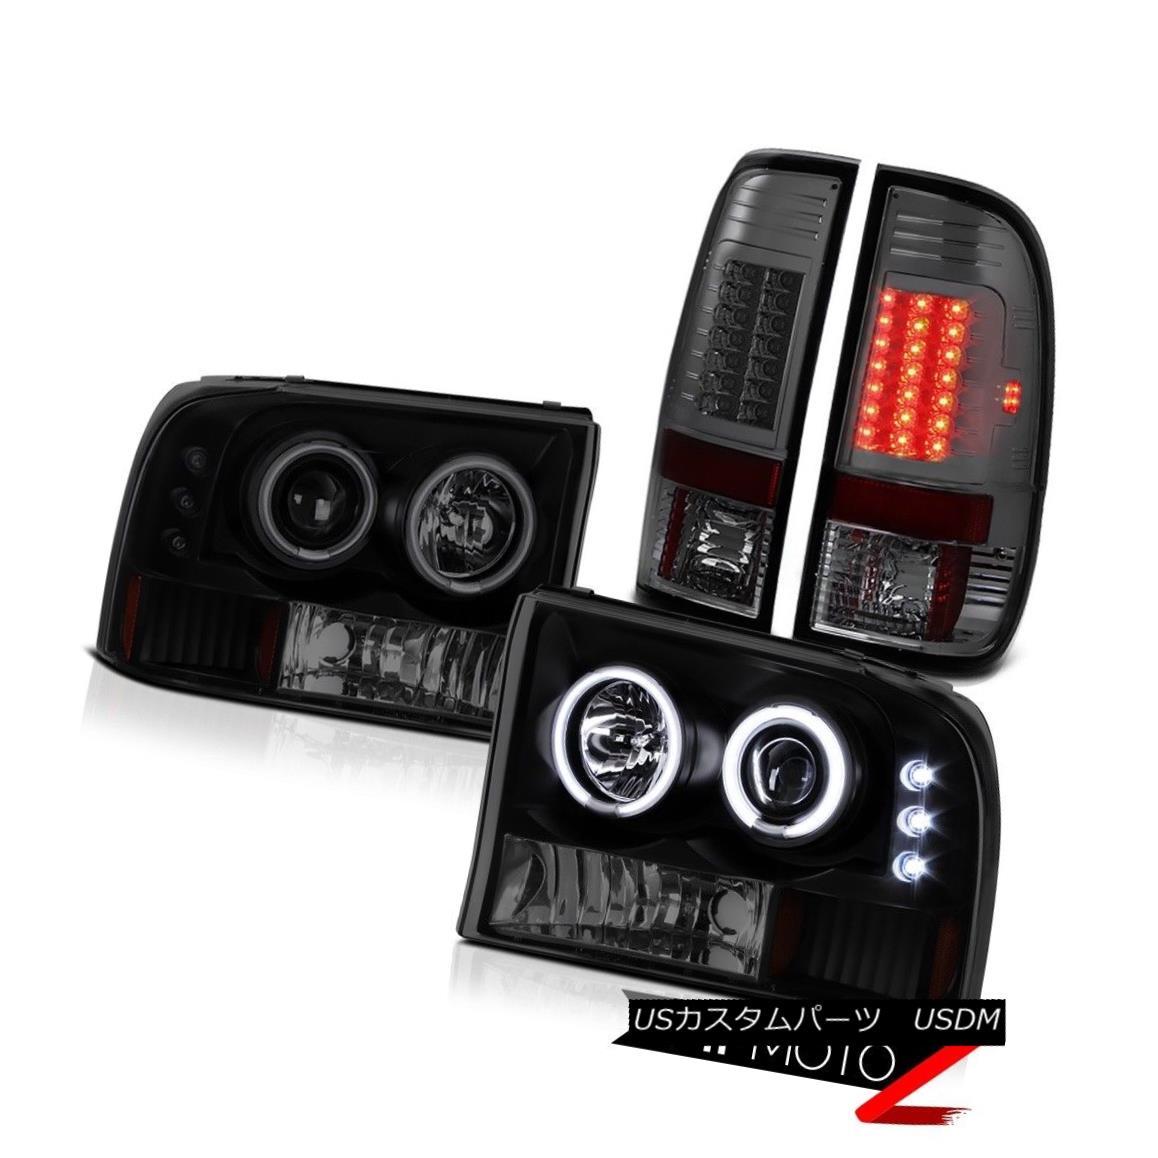 テールライト Smoke Rear Taillights LED CCFL Halo DRL Signal Corner Headlights F-Series Diesel スモークリア尾灯LED CCFL Halo DRLシグナルコーナーヘッドライトFシリーズディーゼル